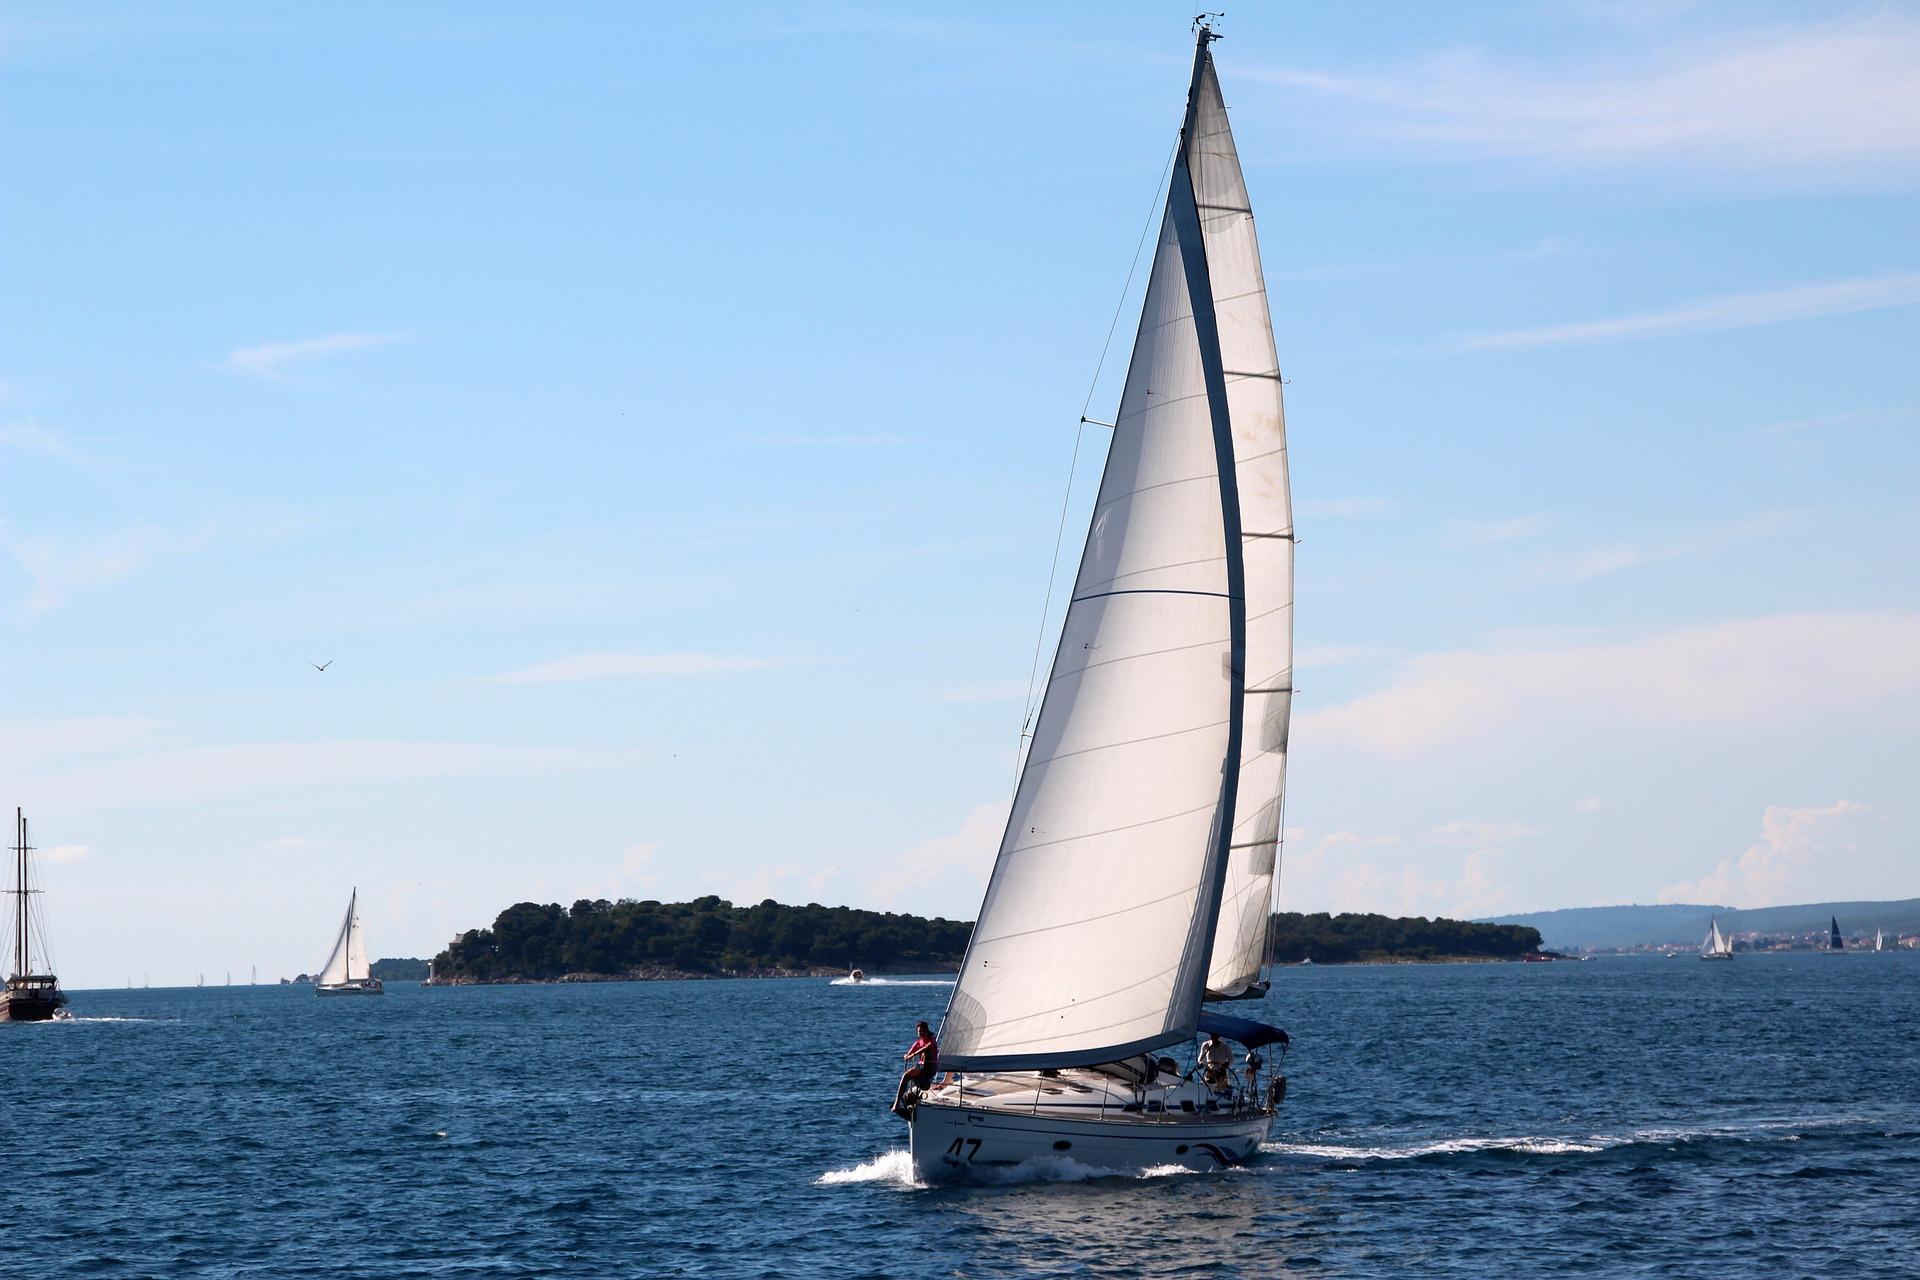 Alquila un barco en Alicante con Marine Spirit